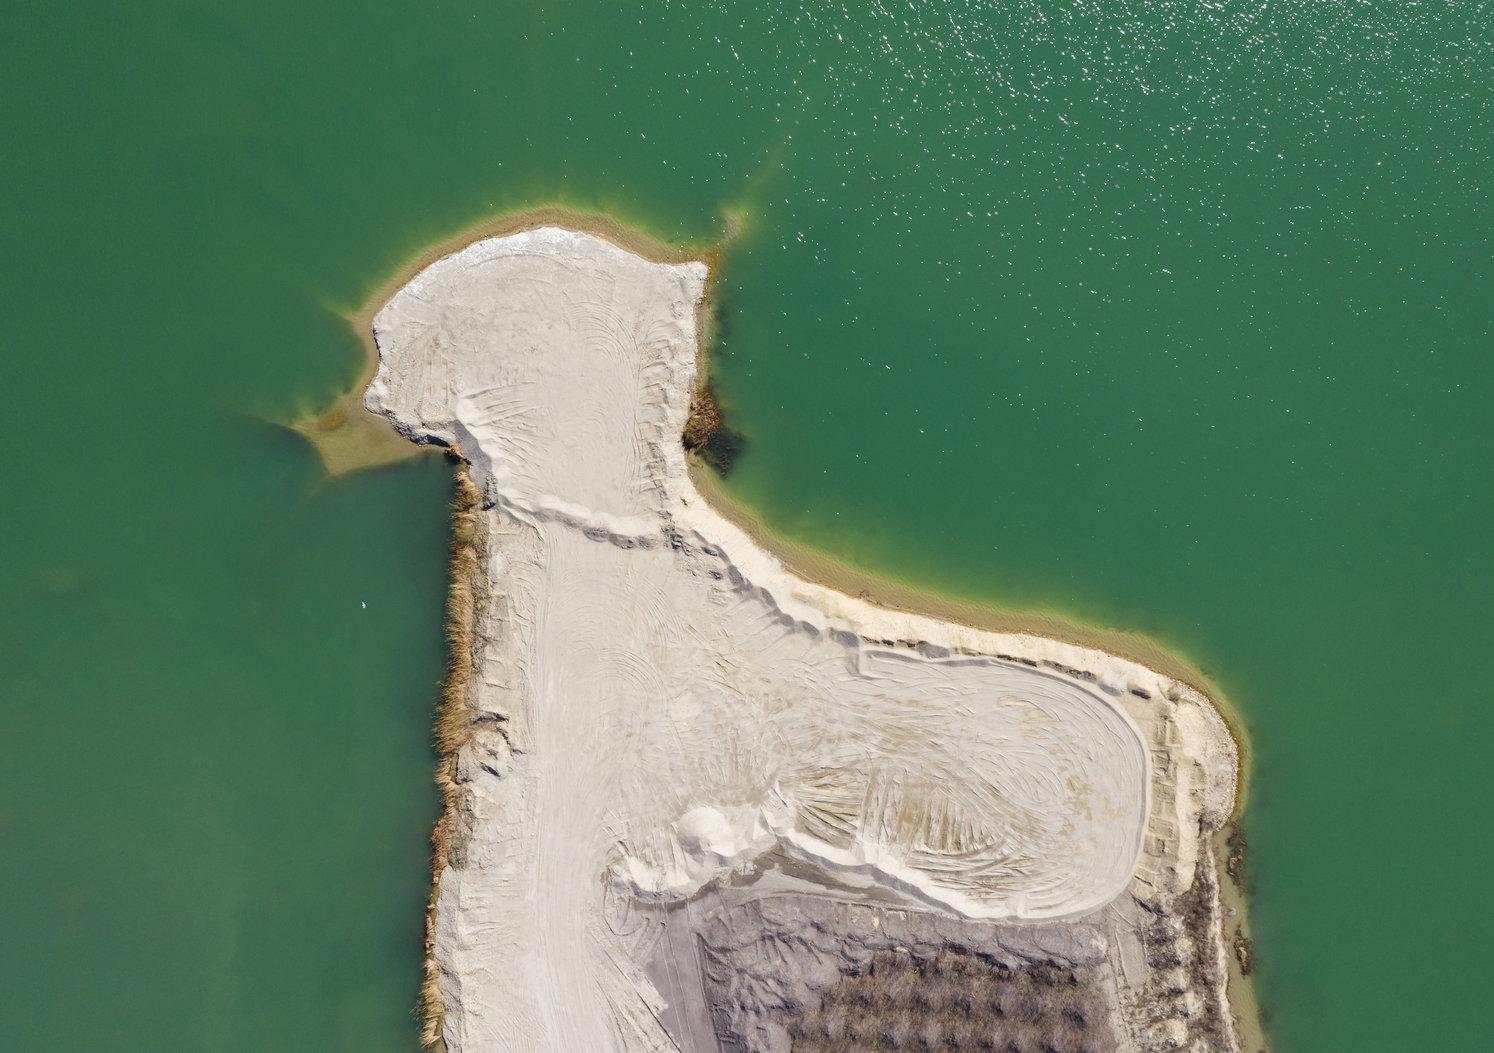 Délegyháza, 2019. március 22. Bányató Délegyháza közelében 2019. március 17-én. Az ENSZ március 22-ét nyilvánította a víz világnapjává, amelynek célja a környezet és ezen belül a Föld vízkészletének védelme. MTI/Mohai Balázs